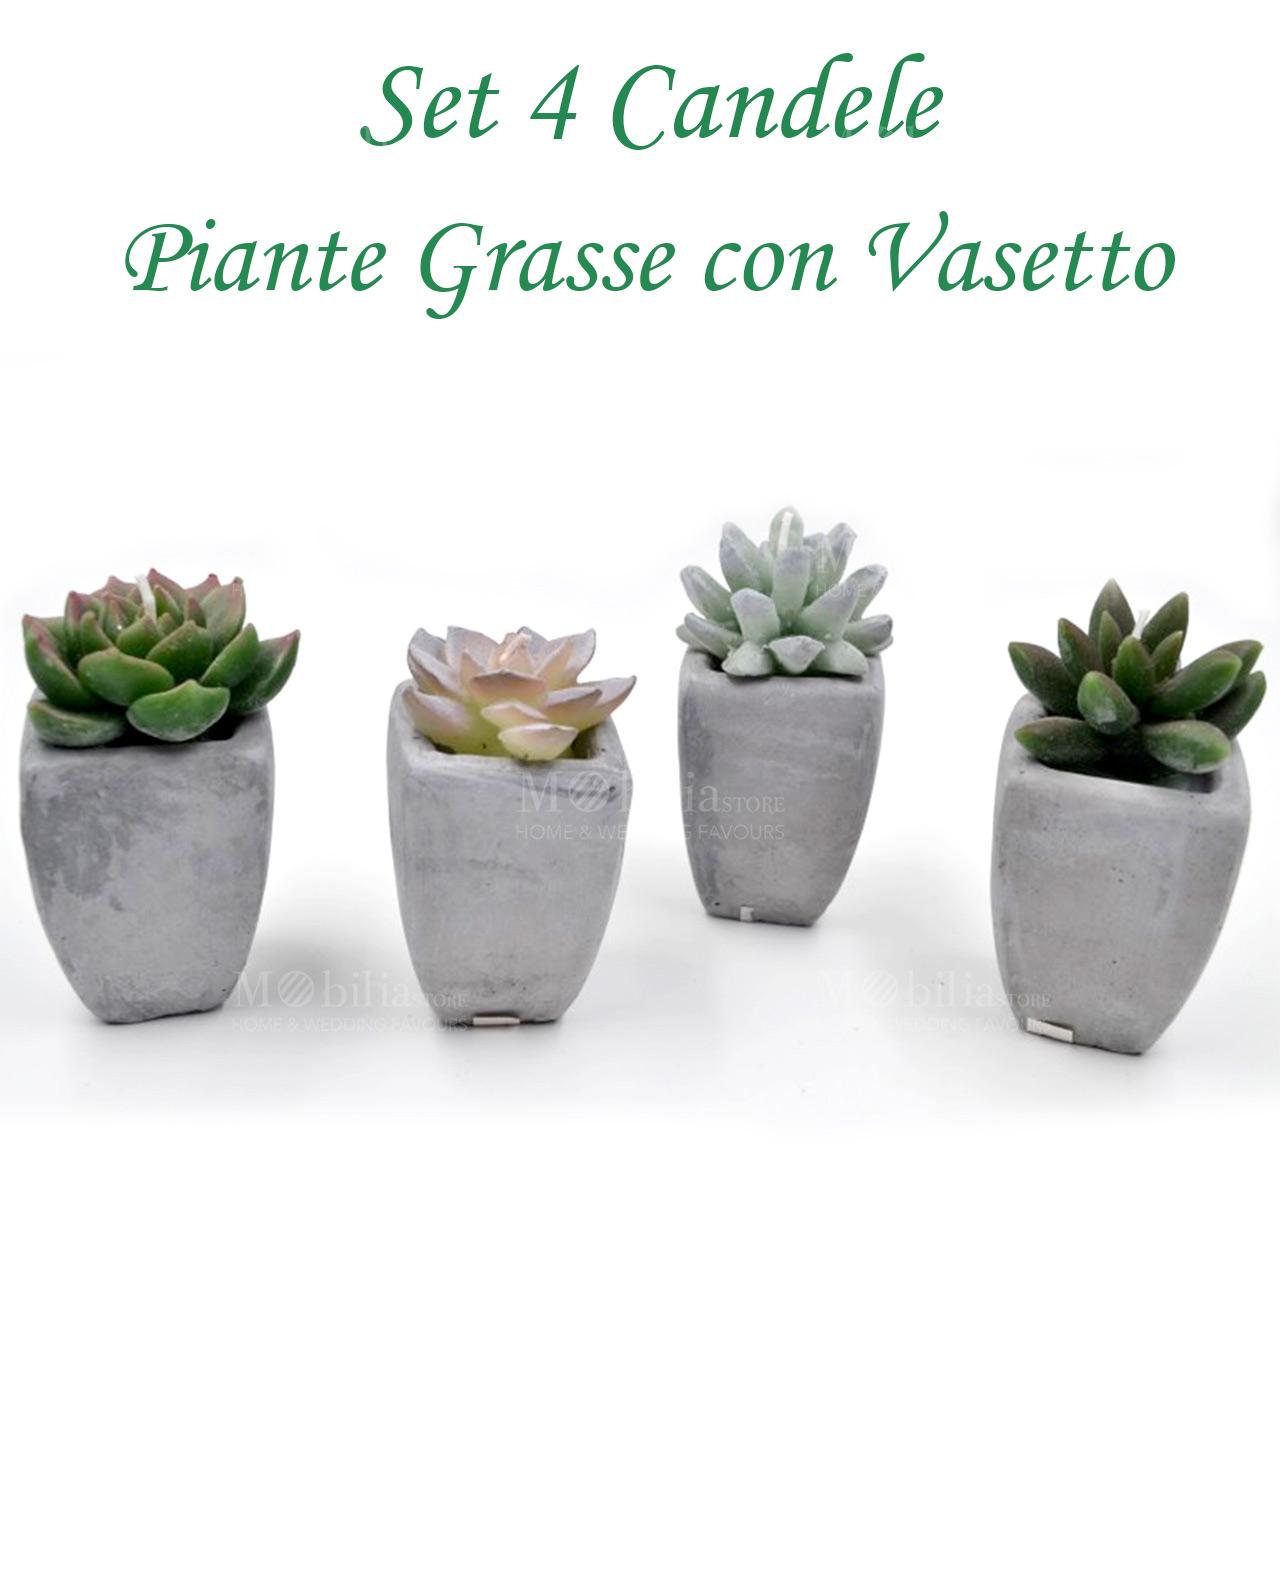 abbastanza Candele piante grasse con vasetto set 4 pz - Mobilia Store Home  KW08